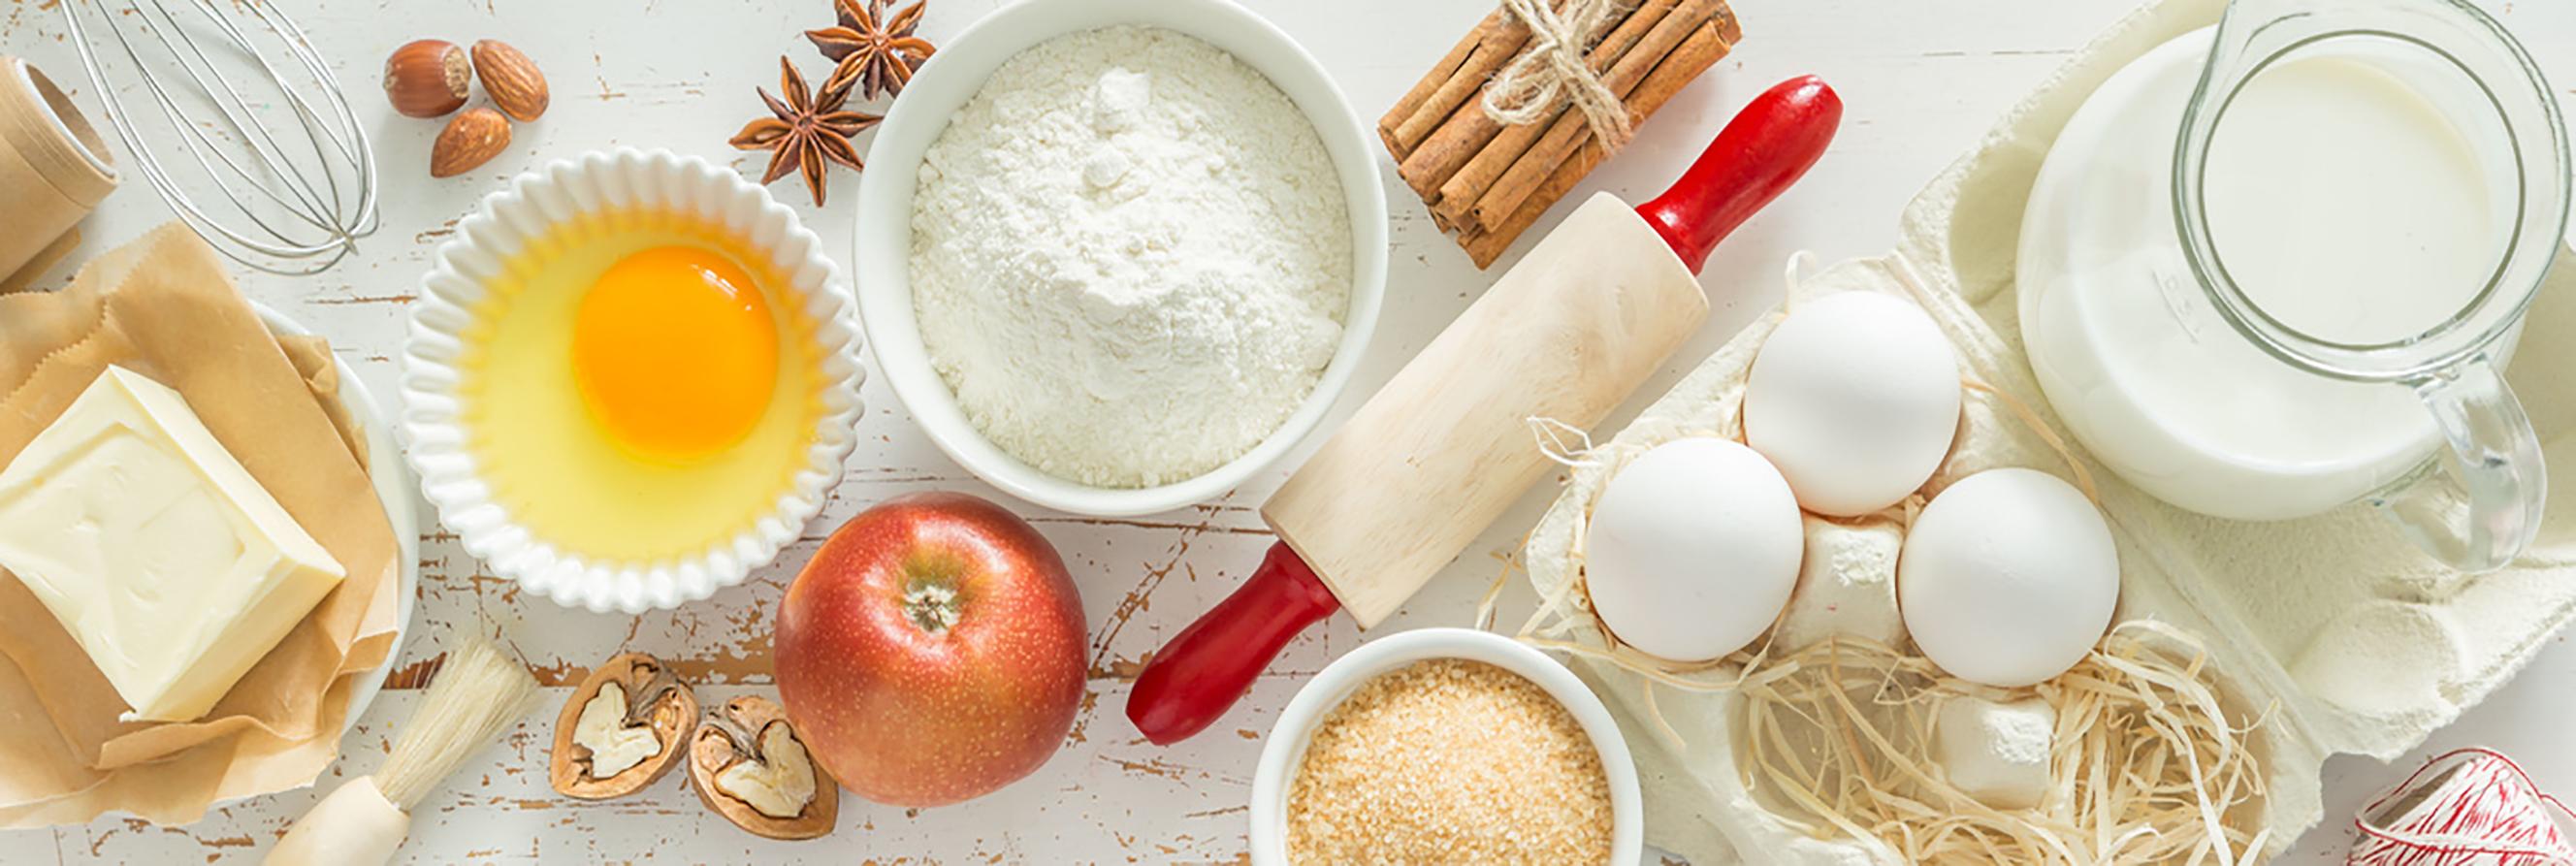 Recettes de cuisine de la formation continue en économie familiale